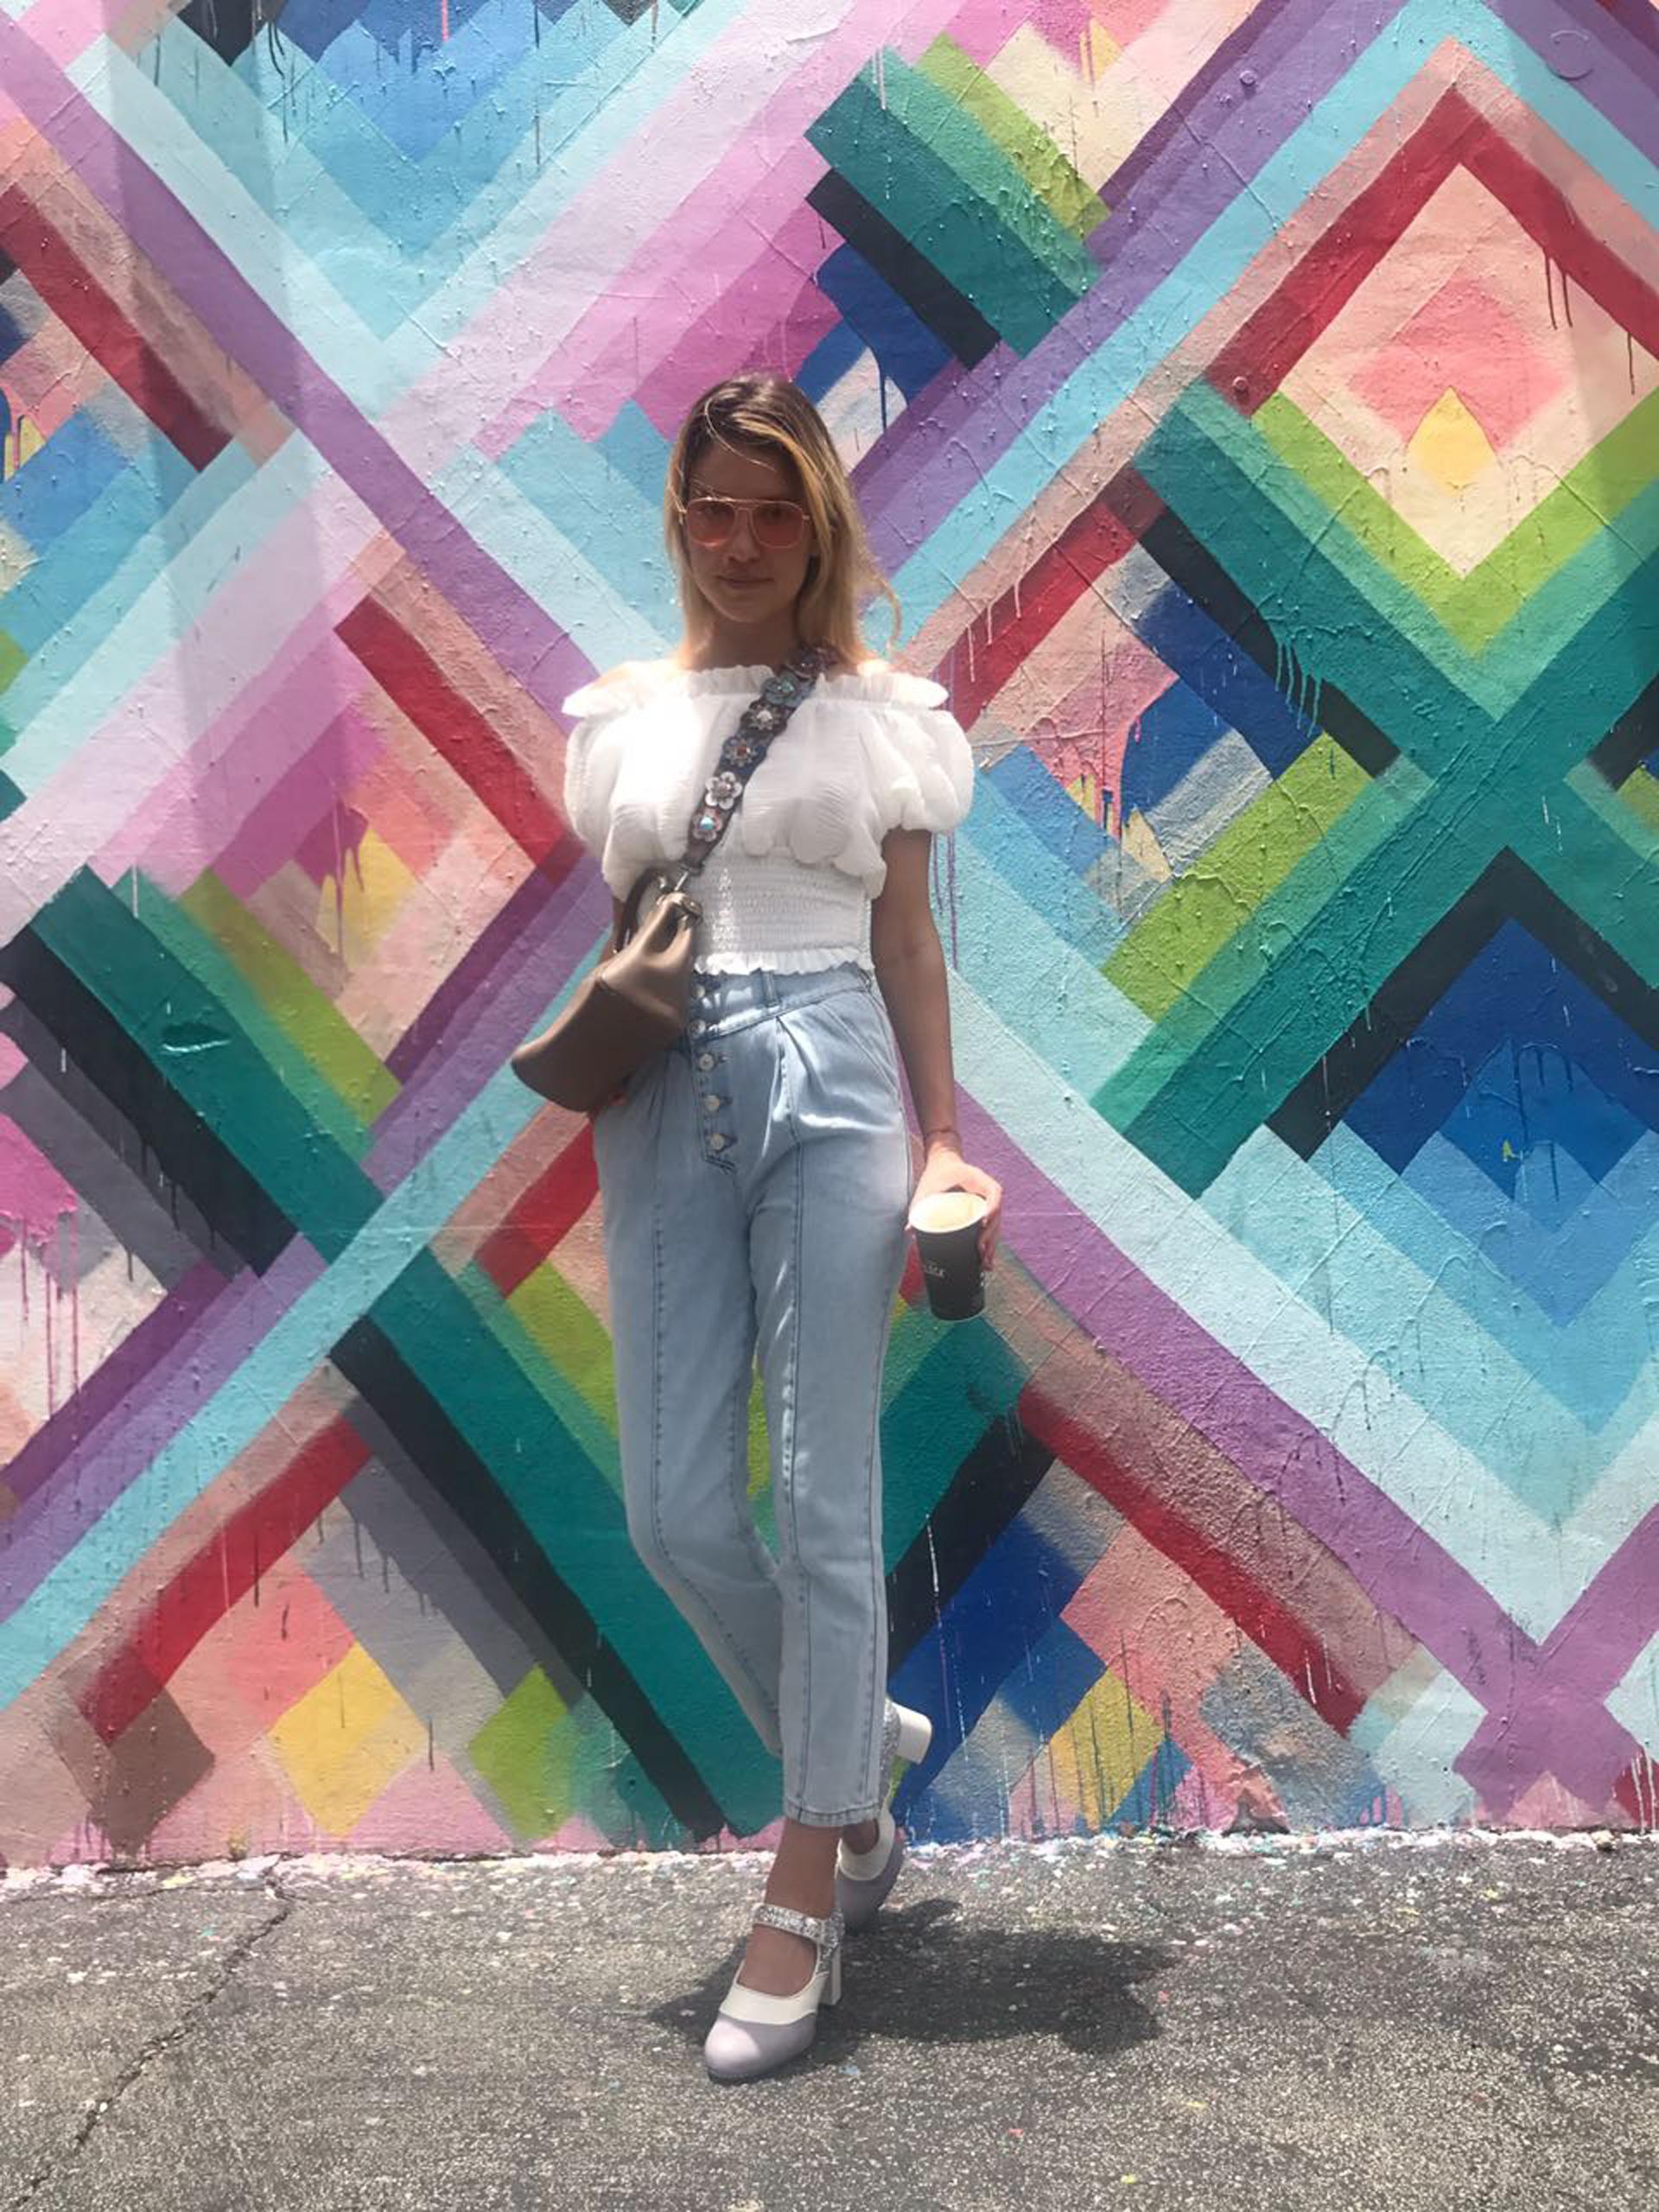 Angie Landaburu, influencer de 23 años tiene 115 mil seguidores en Instagram. Fashionista con las marcas de lujo del mundo más reconocidas, muestra diariamente los eventos que concurre y sus mejores looks.